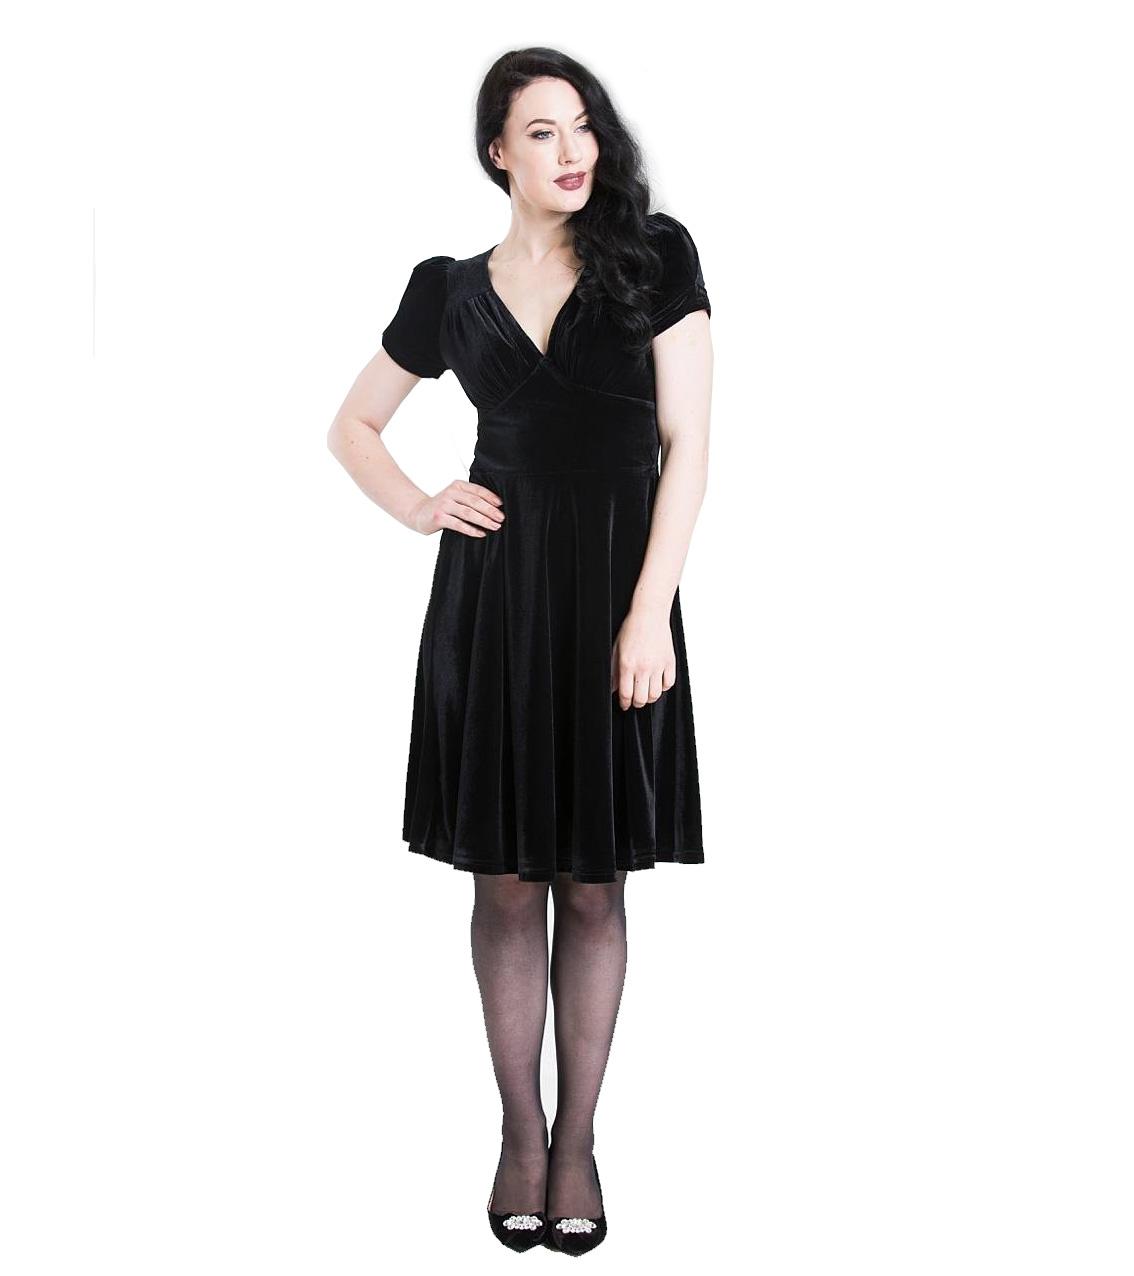 Hell-Bunny-40s-50s-Elegant-Pin-Up-Dress-JOANNE-Crushed-Velvet-Black-All-Sizes thumbnail 21